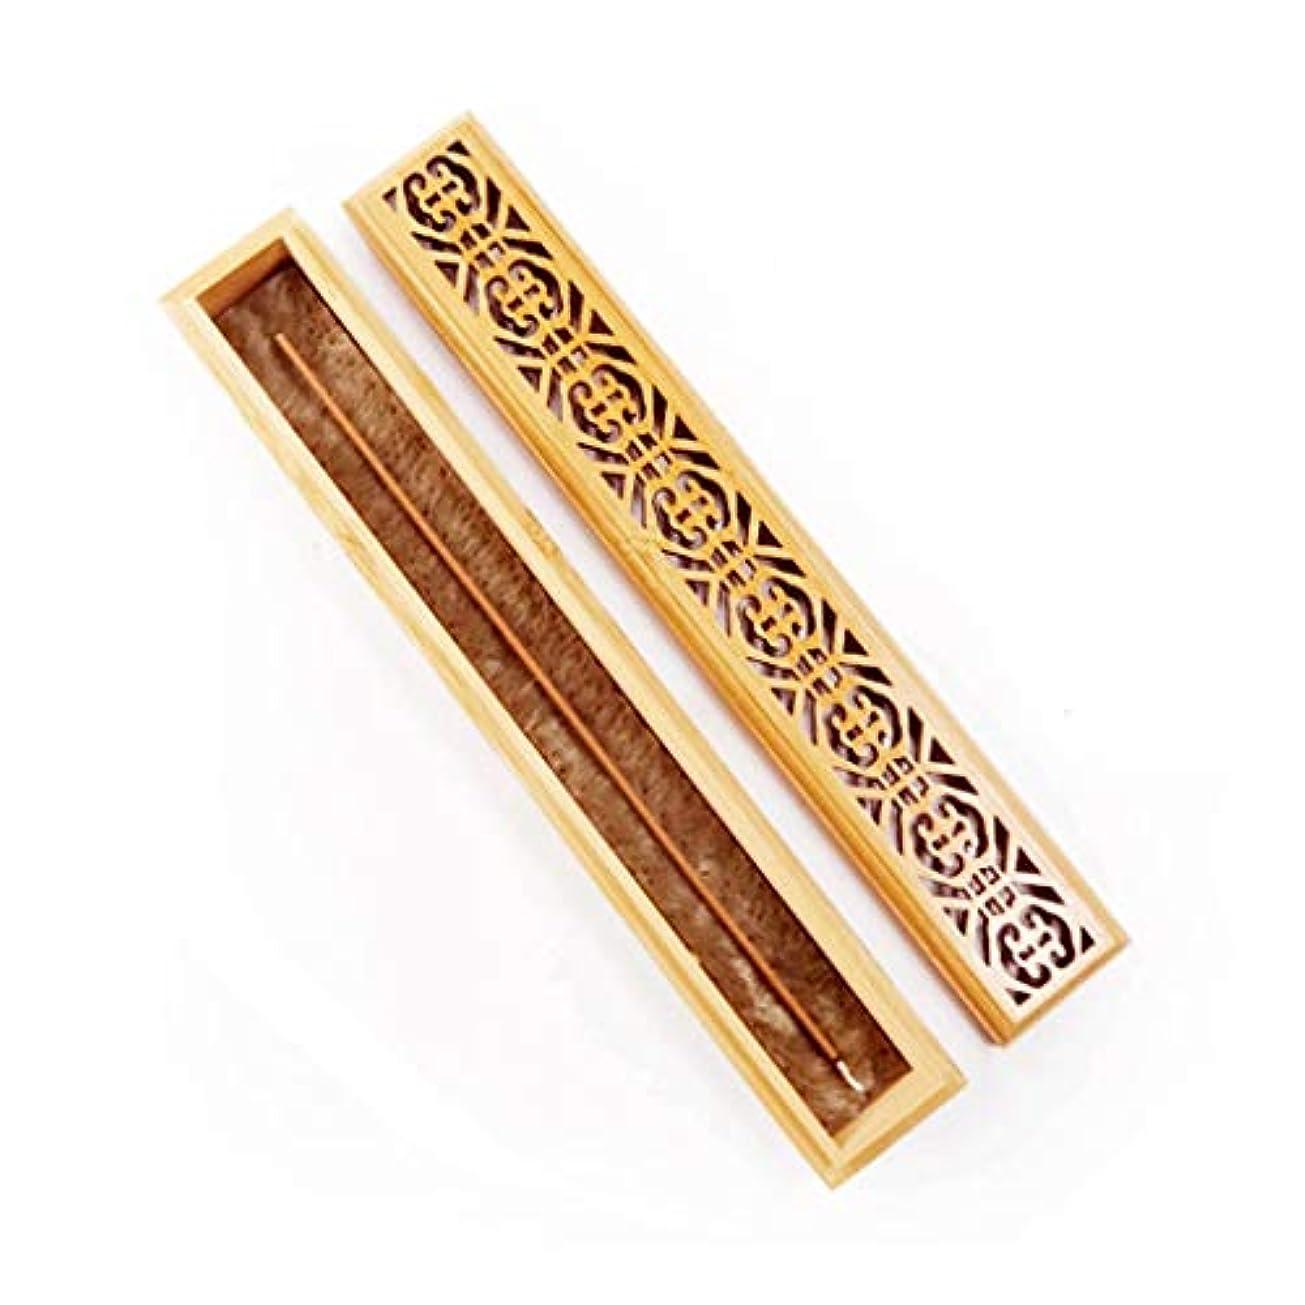 に頼る発火するなんとなくヴィンテージ長方形の竹香炉中空パターン絶妙なふた香スティックホルダー灰キャッチャーホーム香ホルダー (Color : Wood, サイズ : 9.29*1.45*1.02inchs)